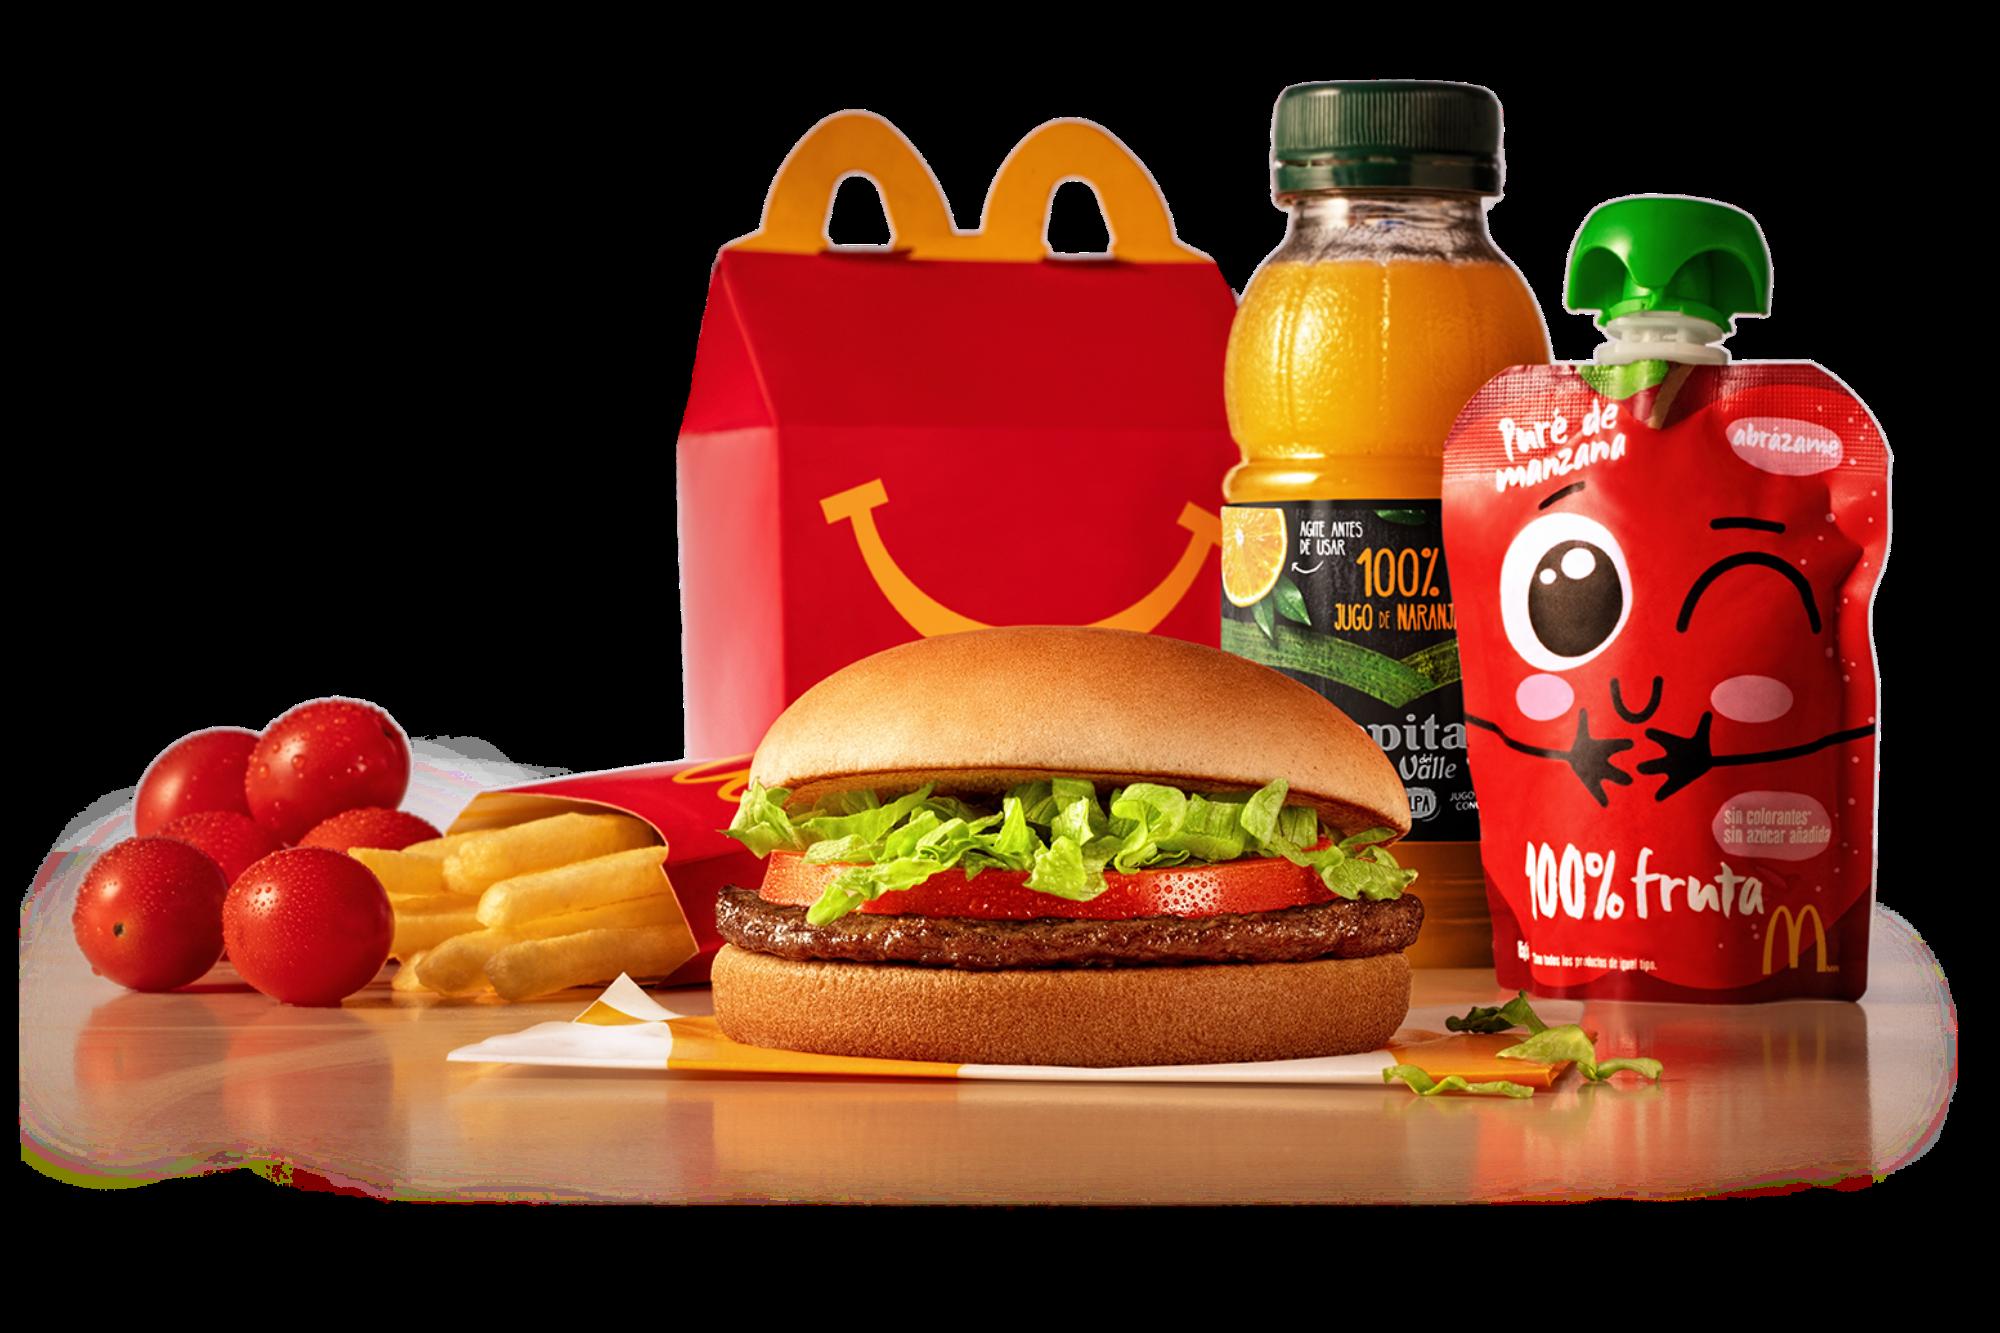 McDonald's modificó su Cajita Feliz para ofrecer un menú infantil más saludable